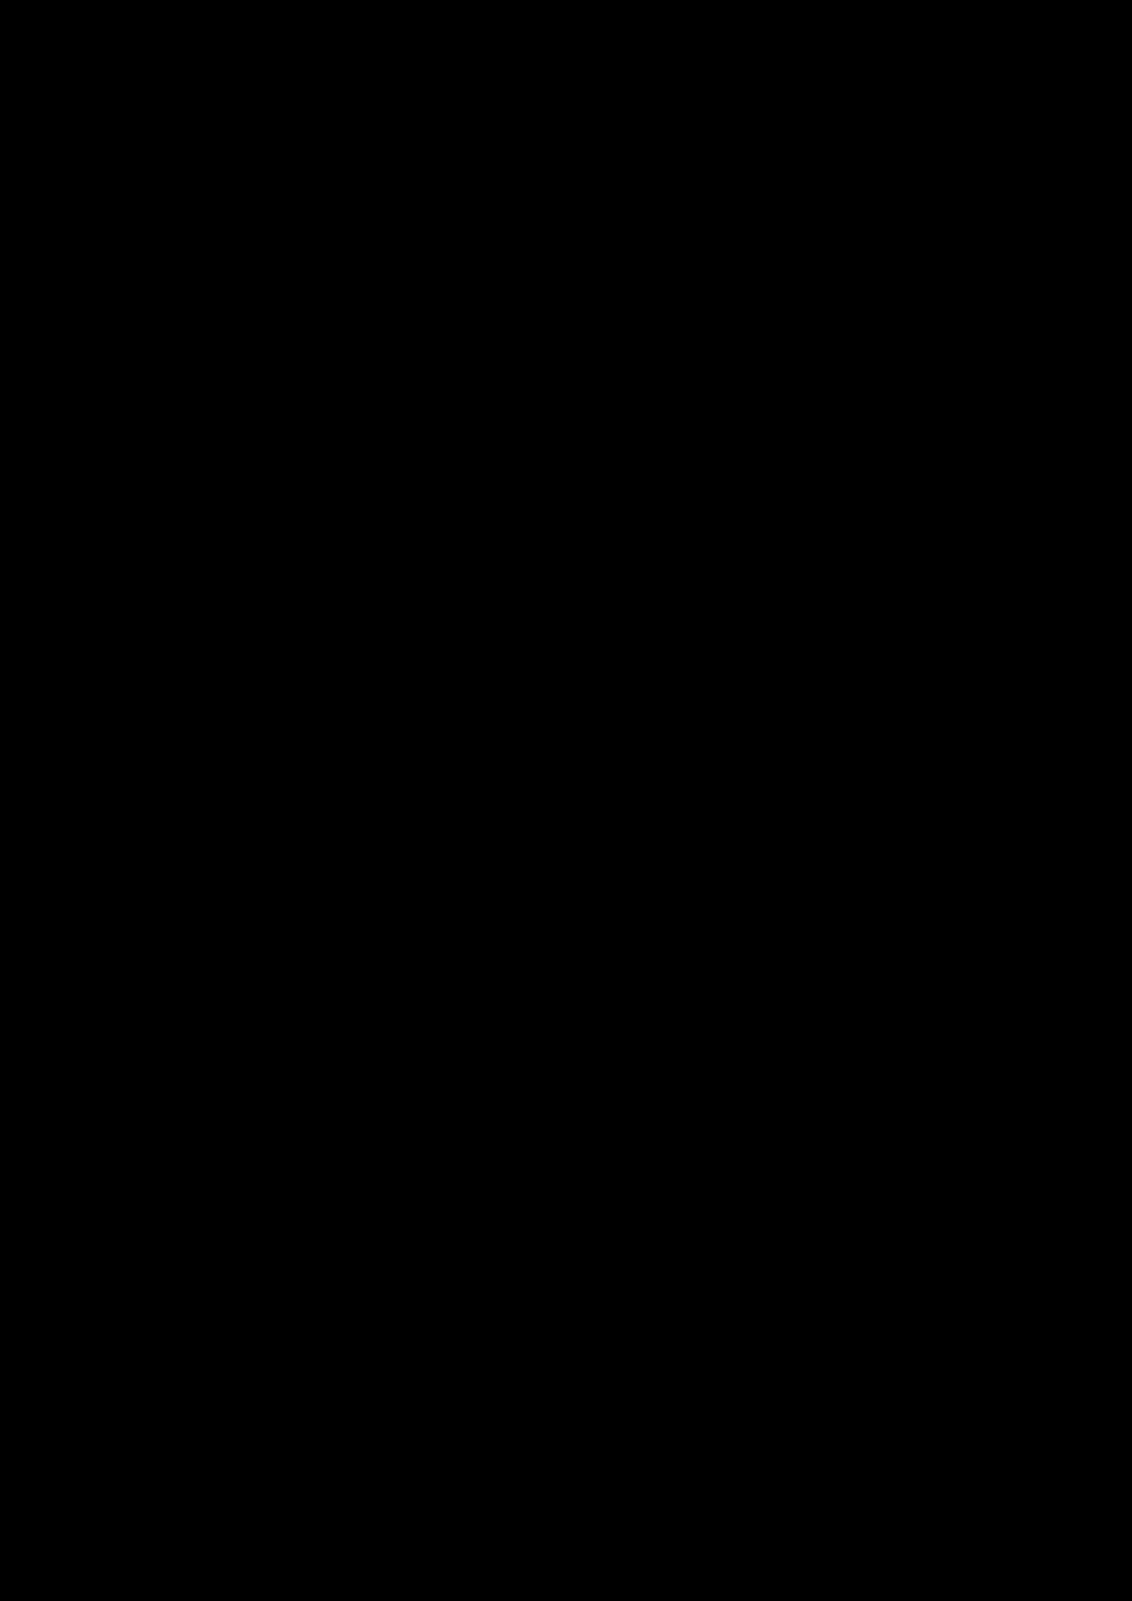 Proschanie s volshebnoy stranoy slide, Image 88